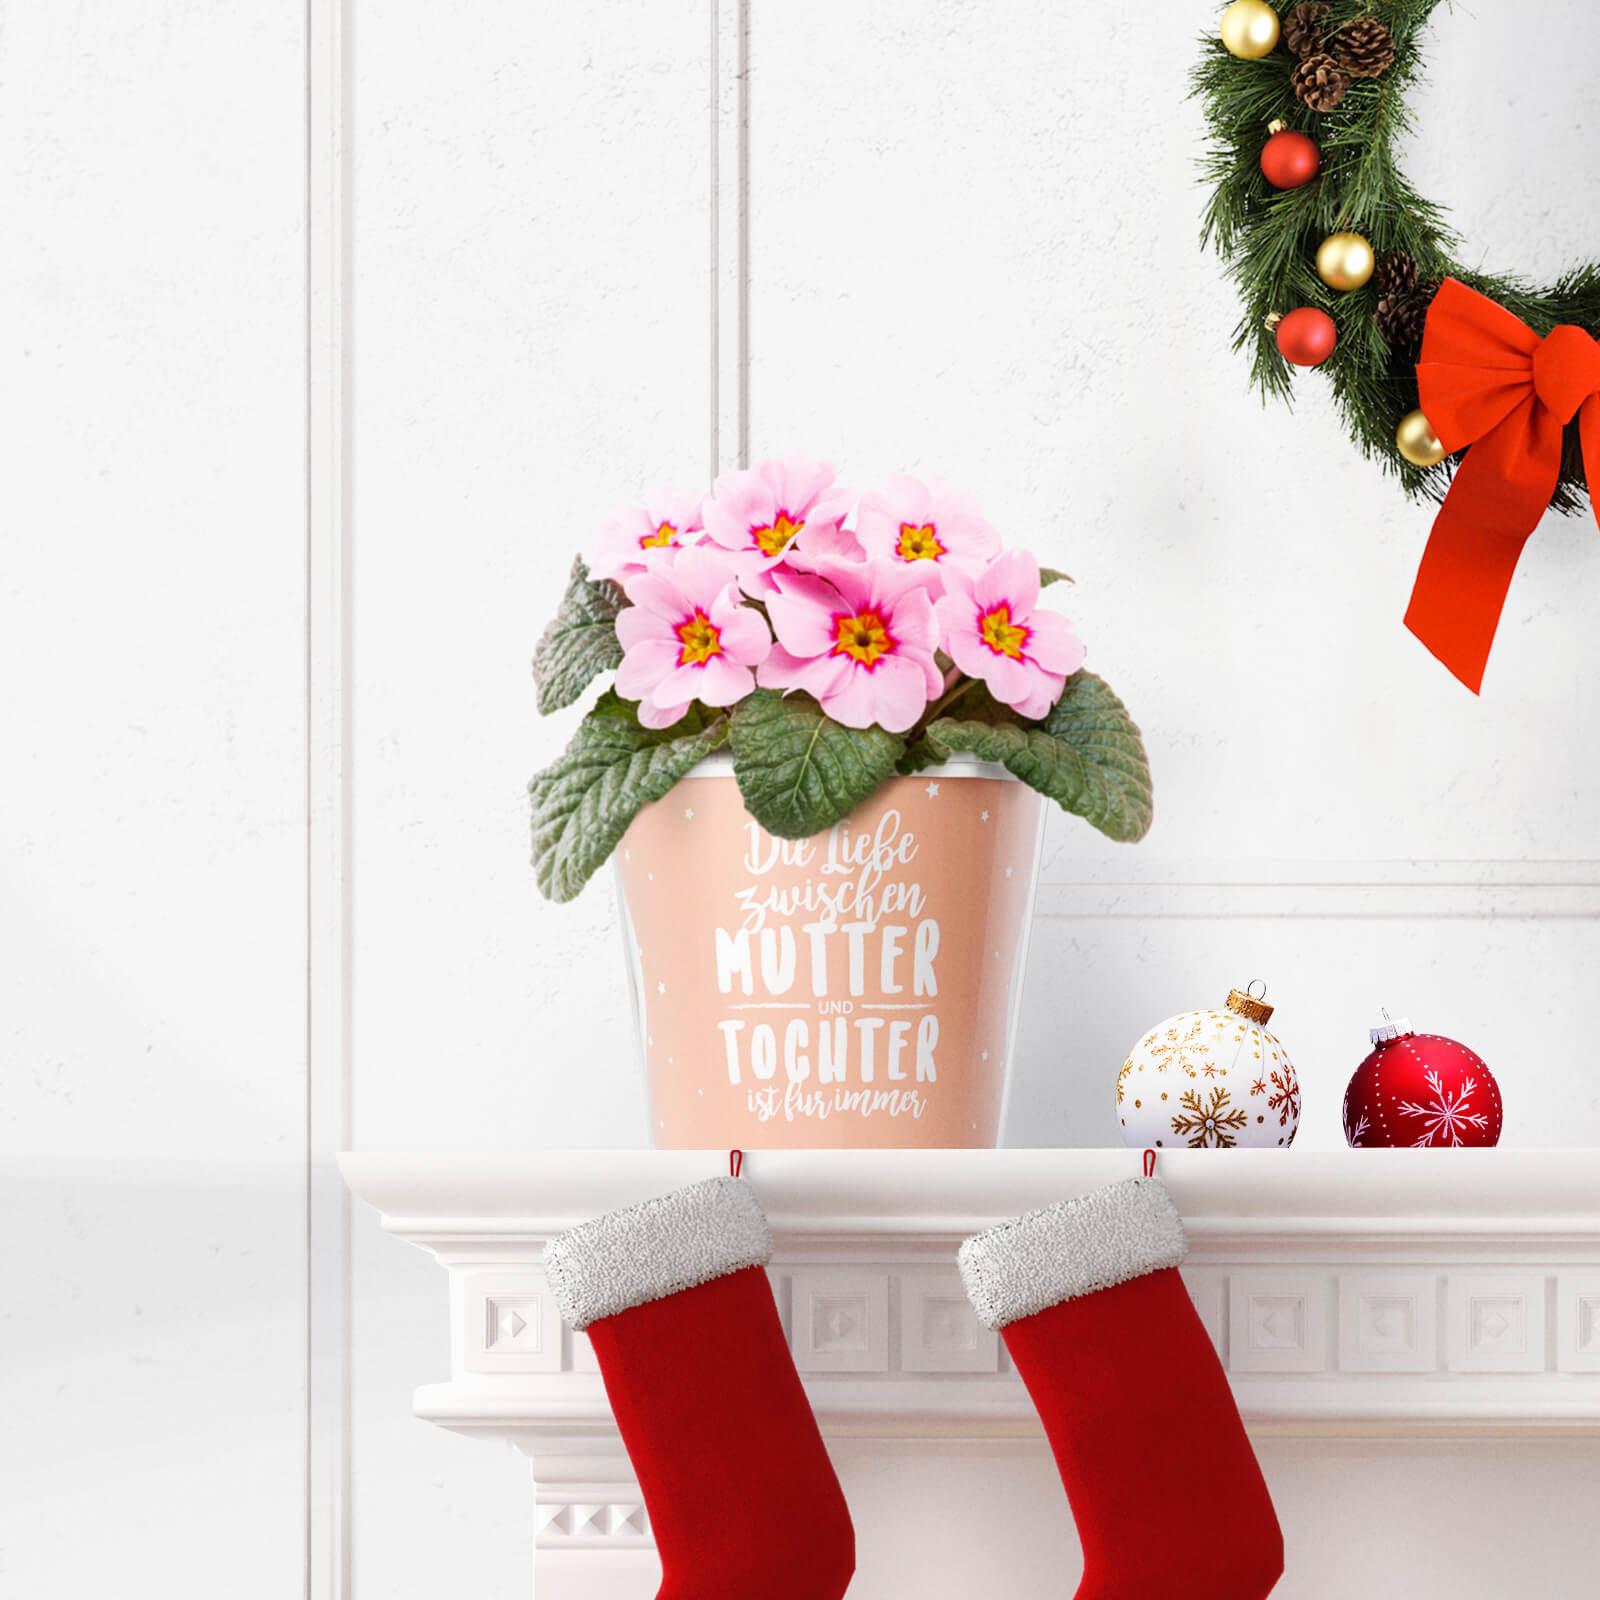 Mutter-Tochter Geschenk zu Weihnachten